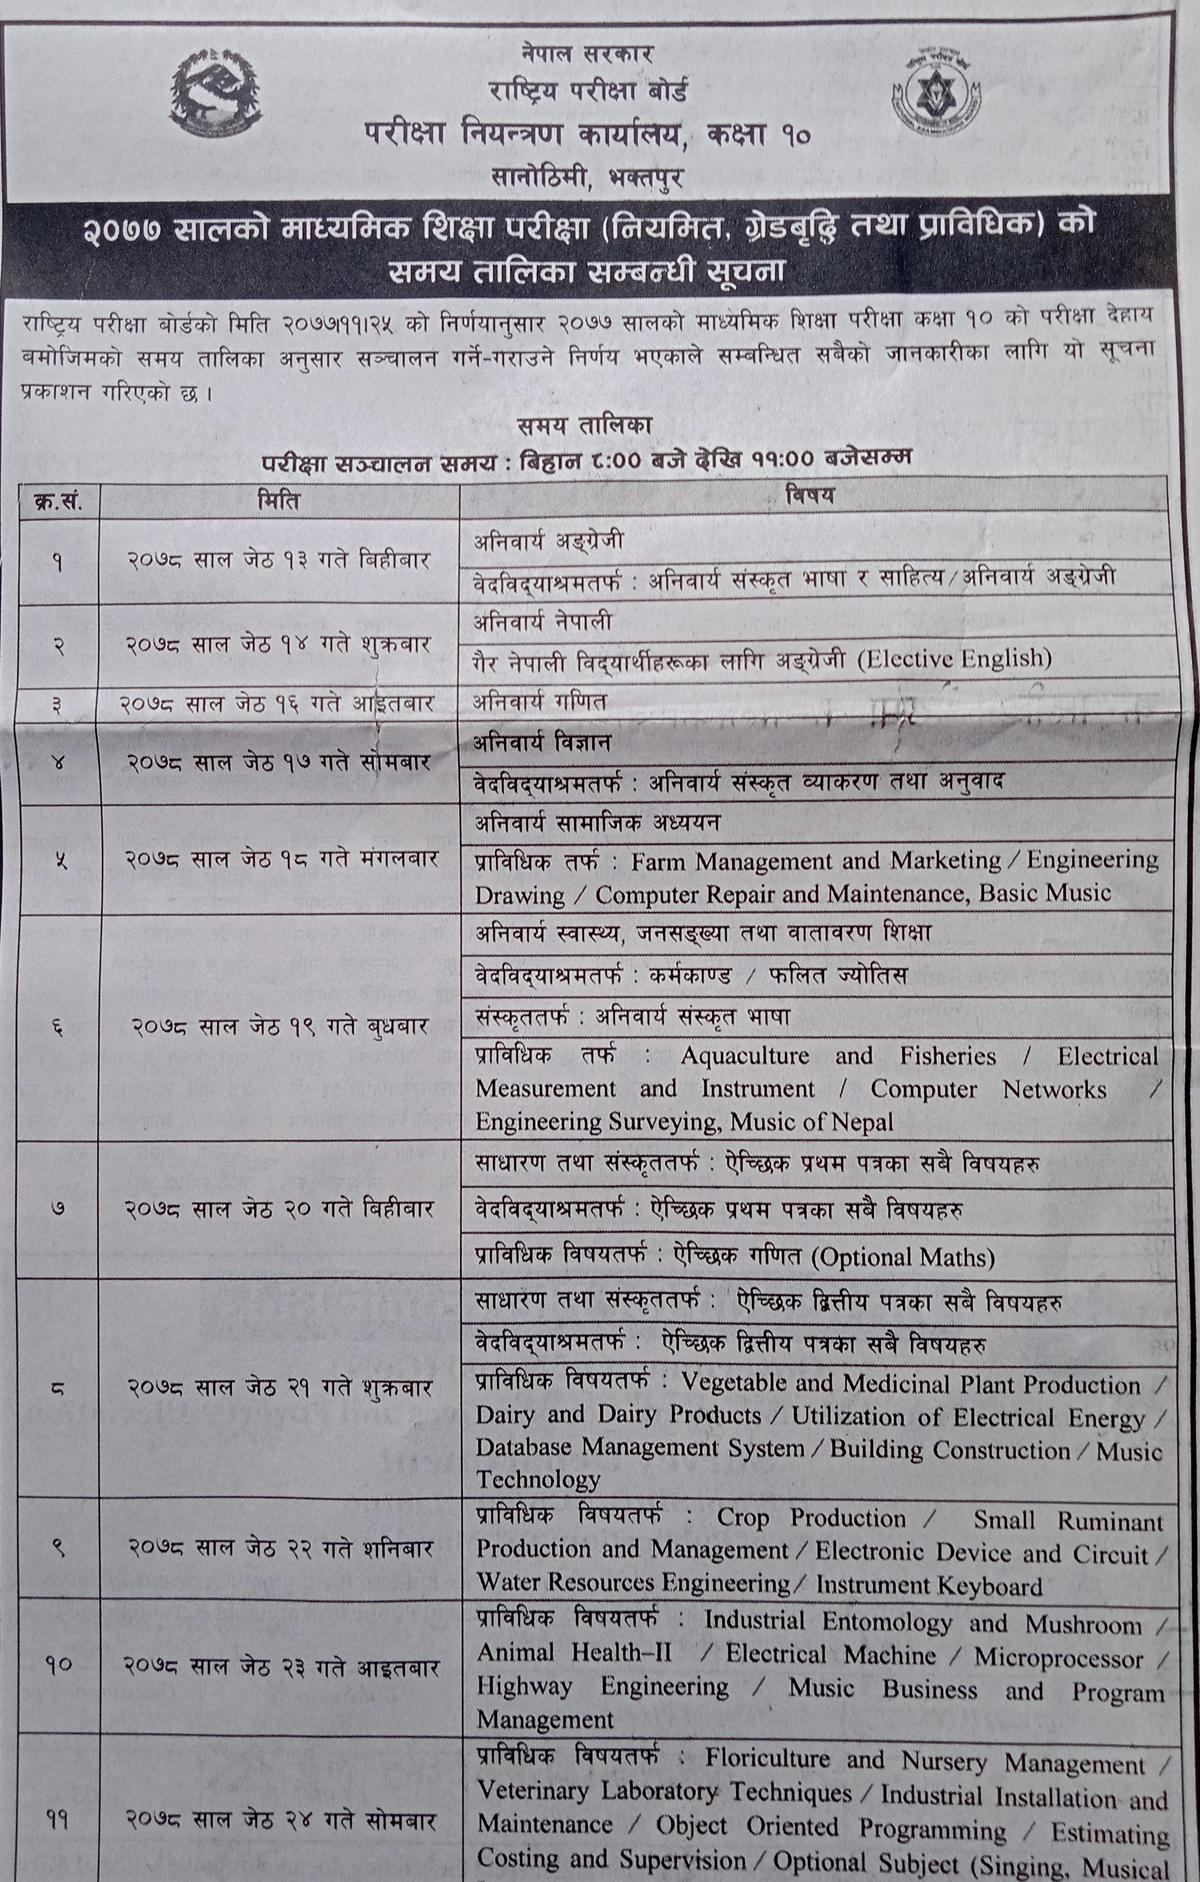 एसईई र कक्षा १२ को परीक्षा तालिका सार्वजनिक